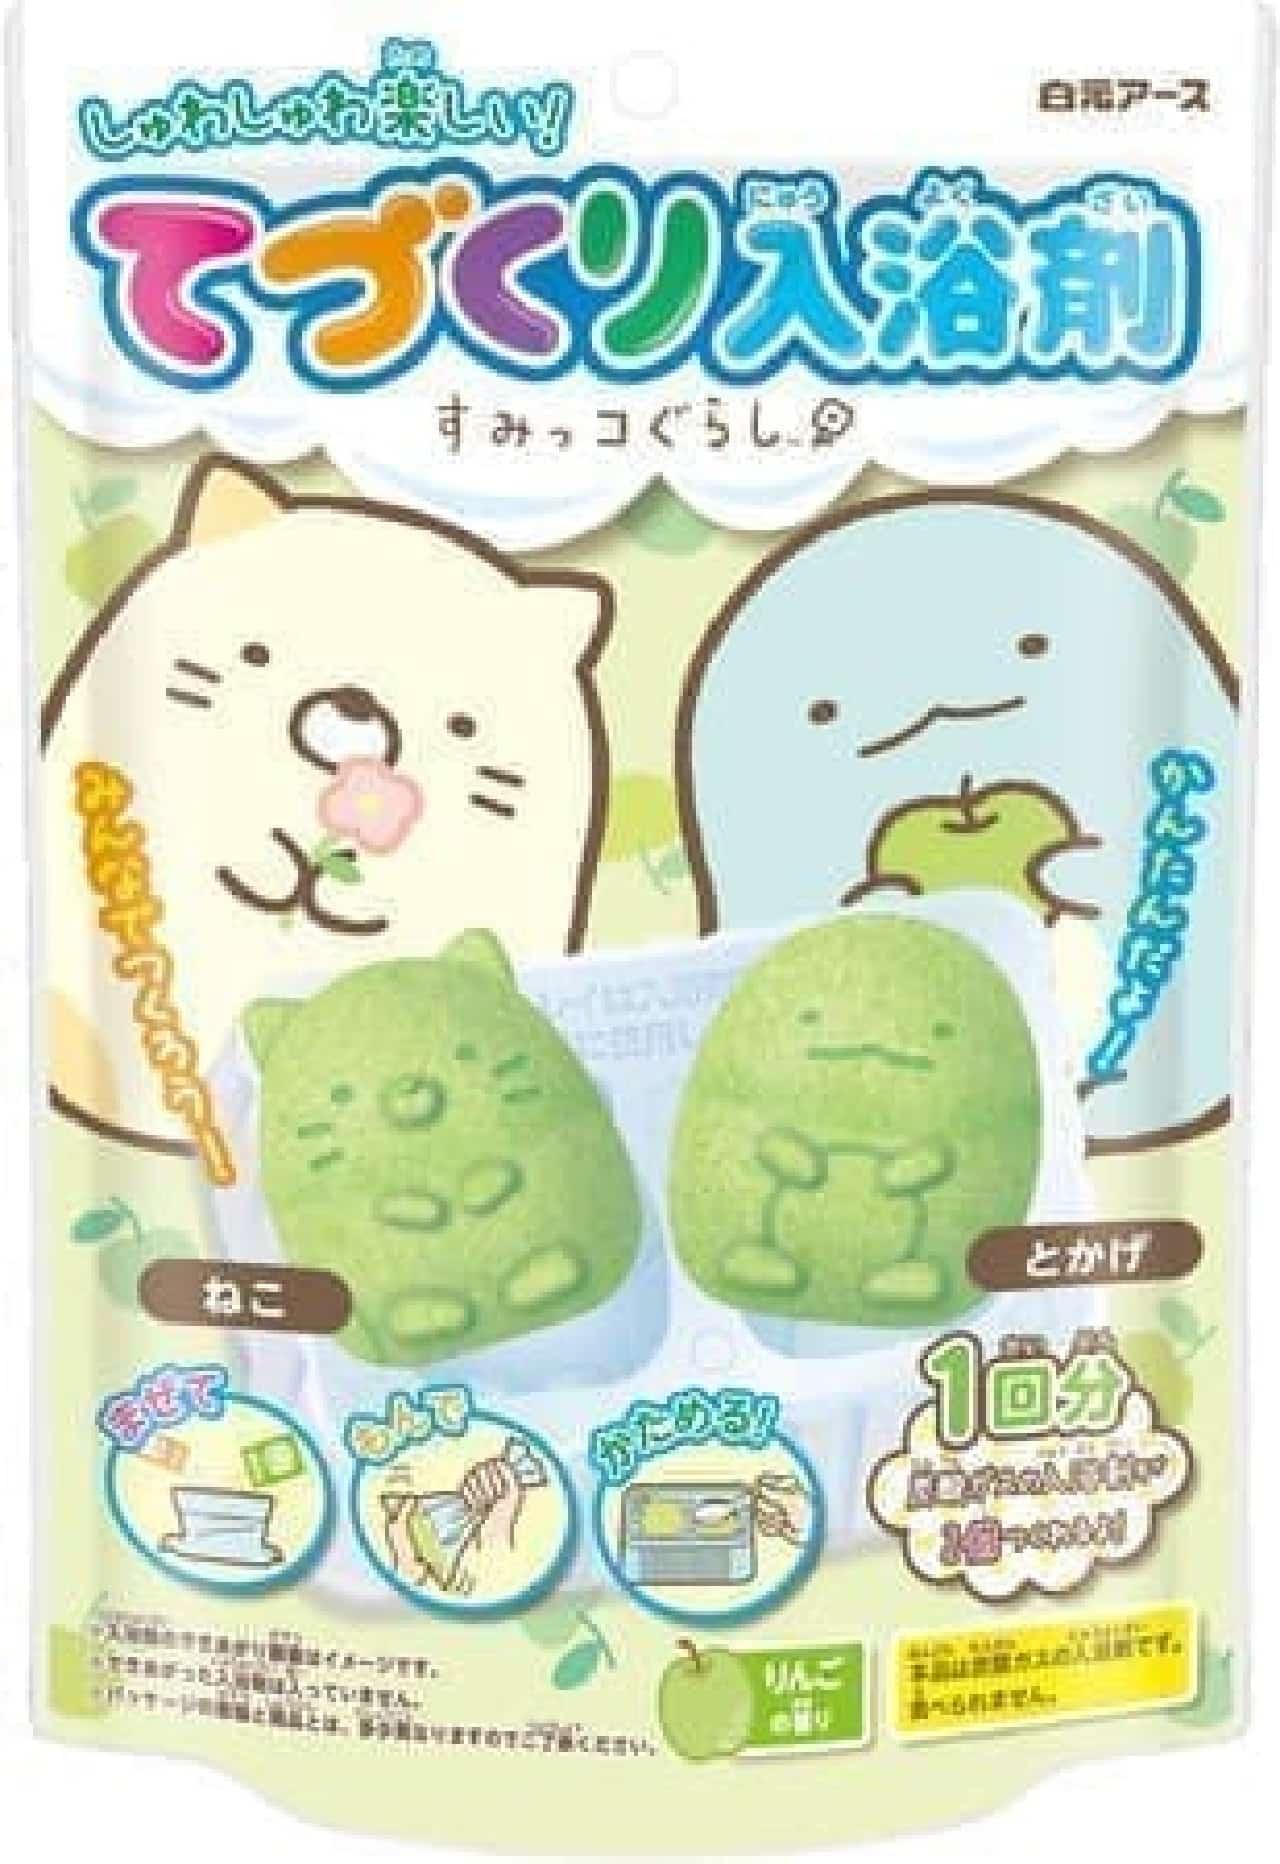 「てづくり入浴剤 すみっコぐらし(ねこ・とかげ)りんごの香り」登場 -- 親子で楽しめる可愛い入浴剤